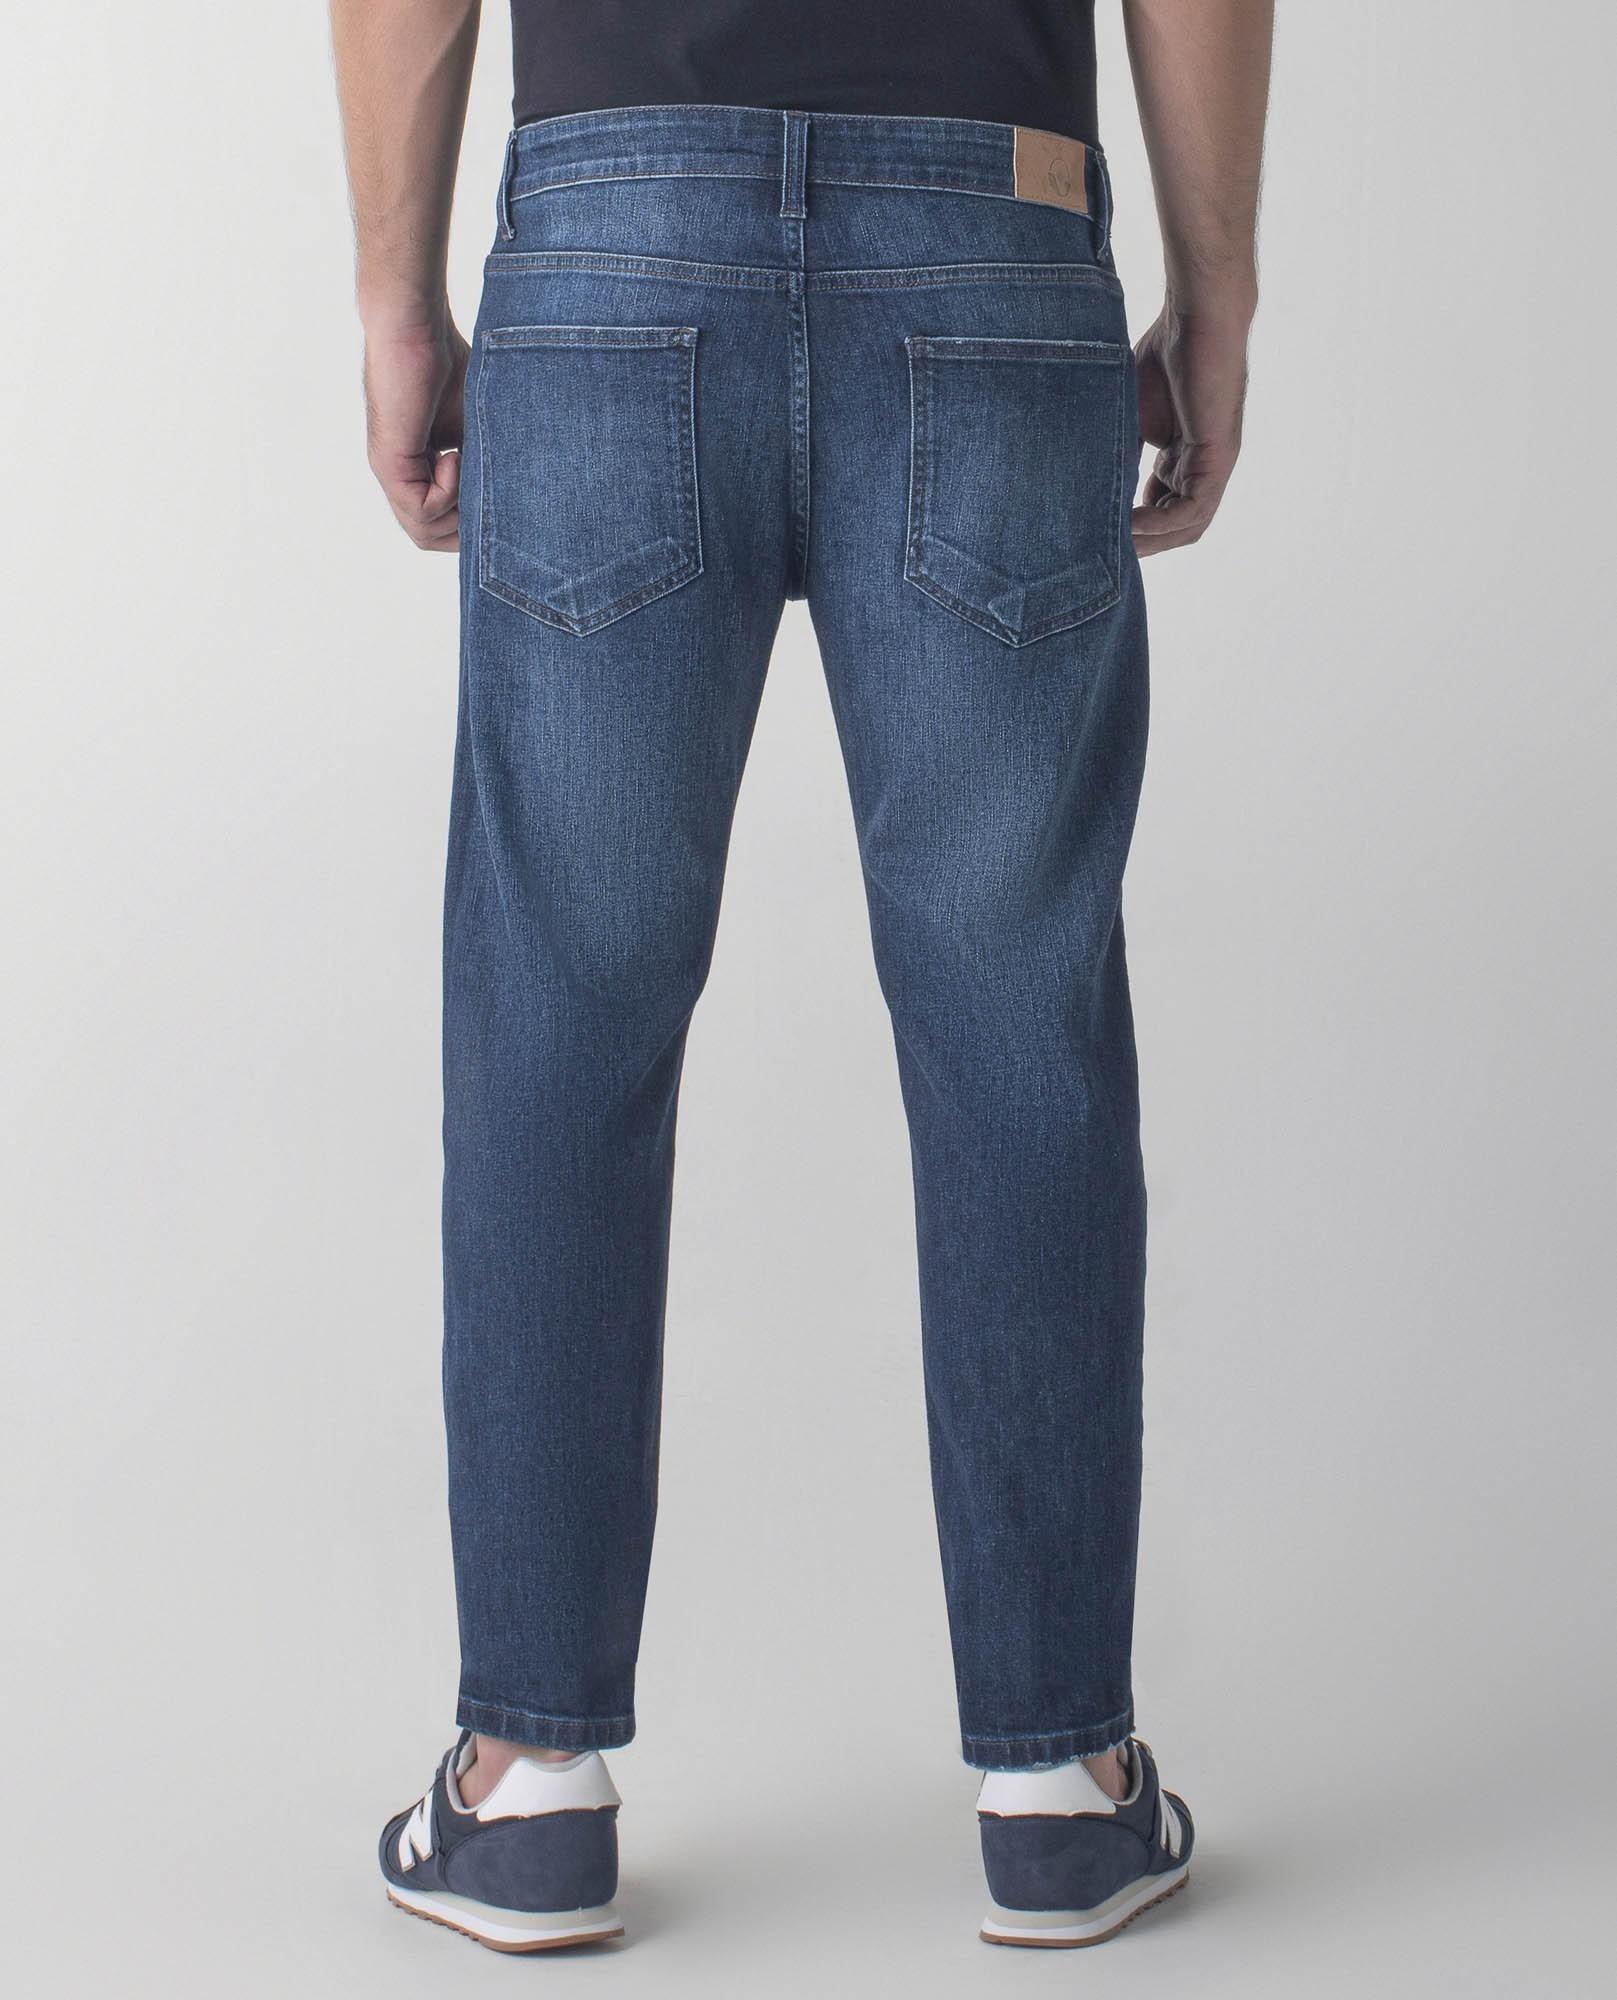 Calça jeans regular - Daily